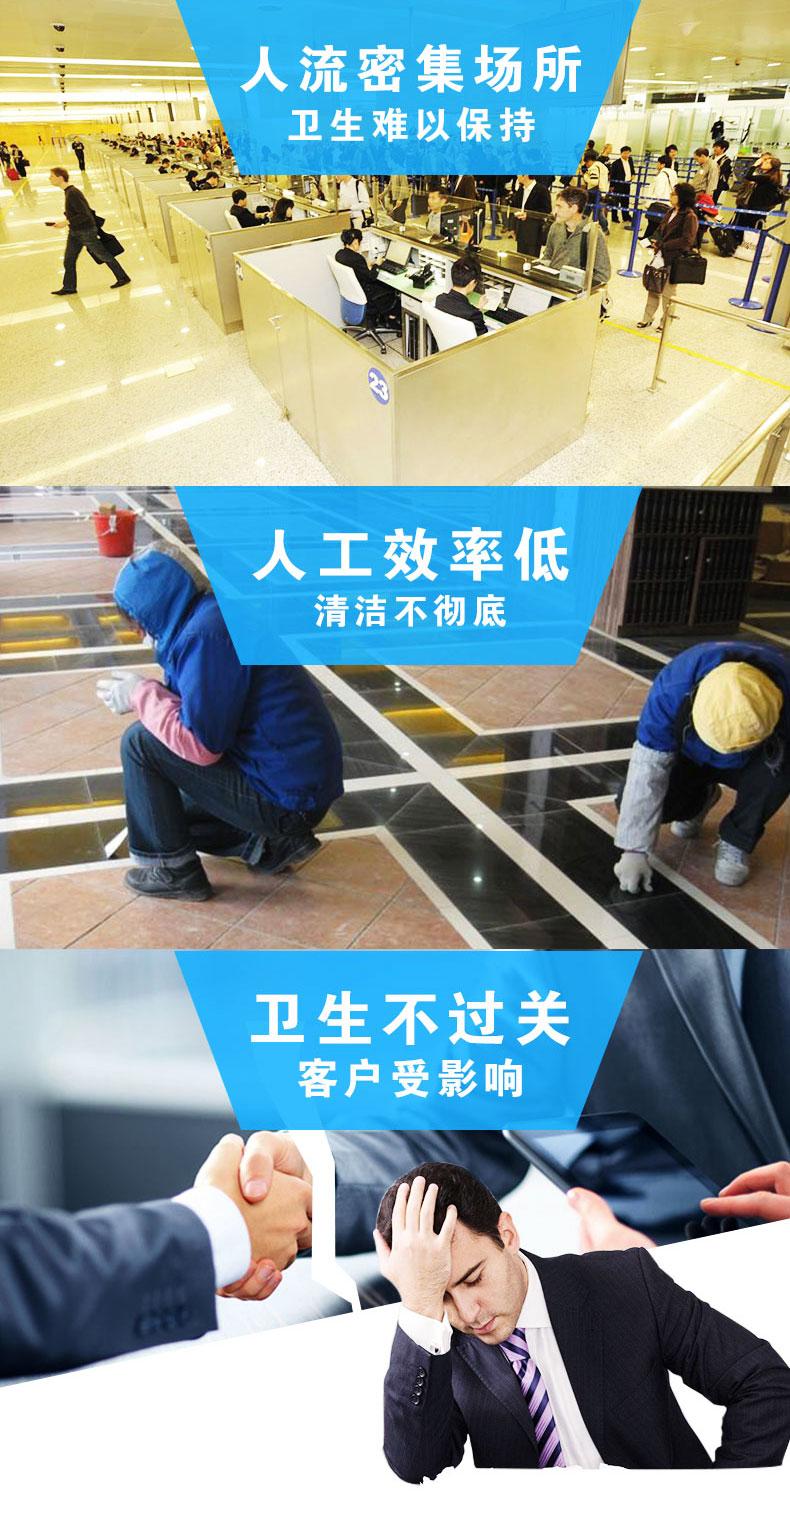 鼎洁盛世驾驶洗地机DJ860M大型驾驶洗地车详情_02